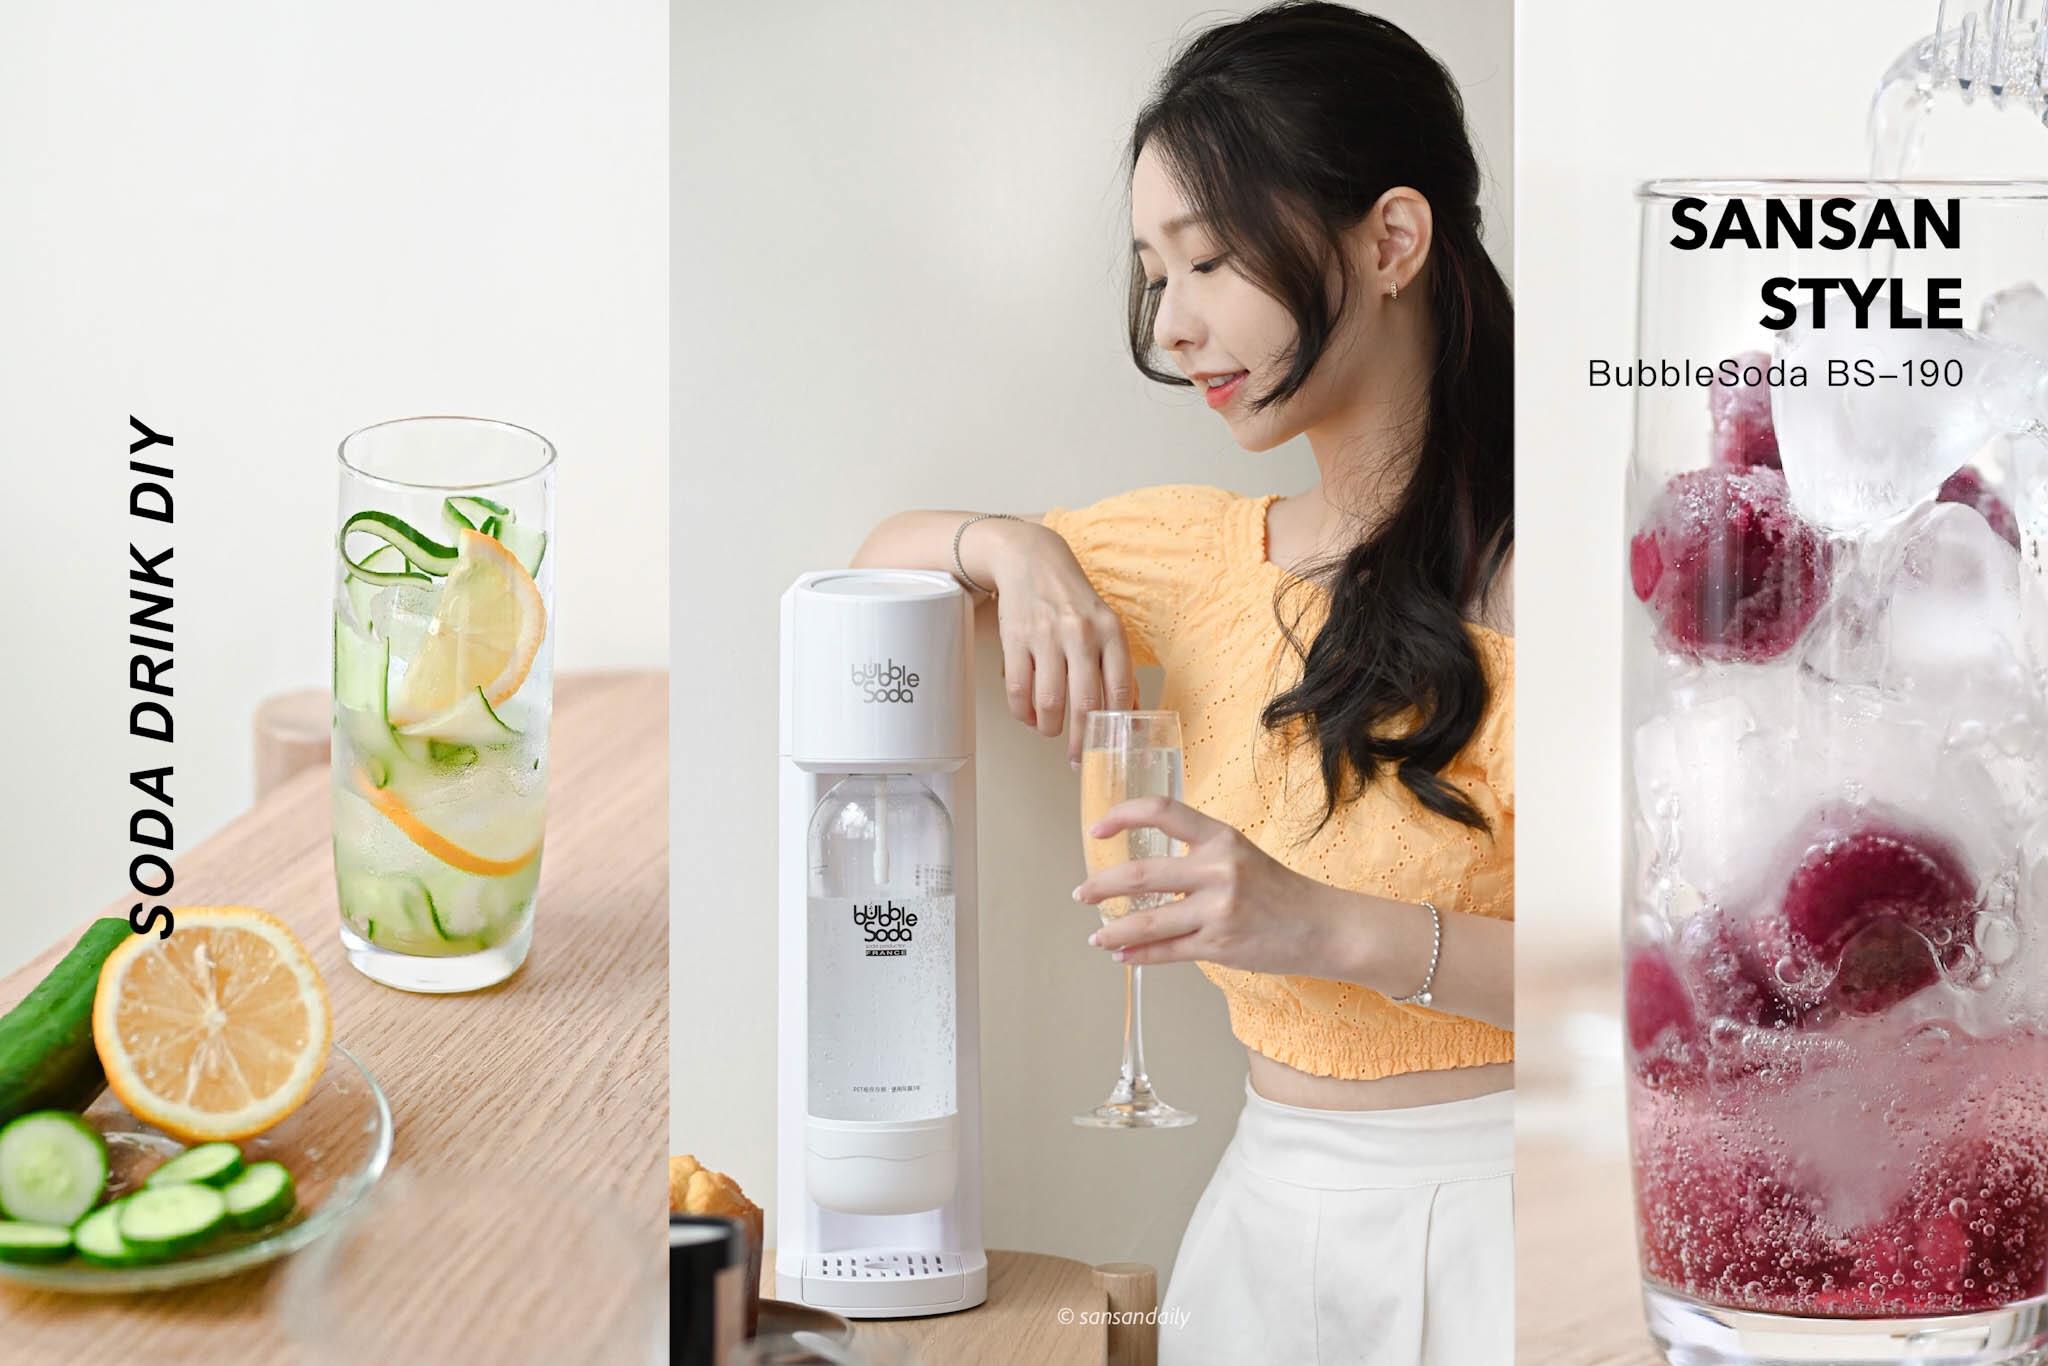 居家防疫跟著做「氣泡水DIY」健康飲料輕鬆喝 bubblesoda操作簡單好方便!|sansan開箱